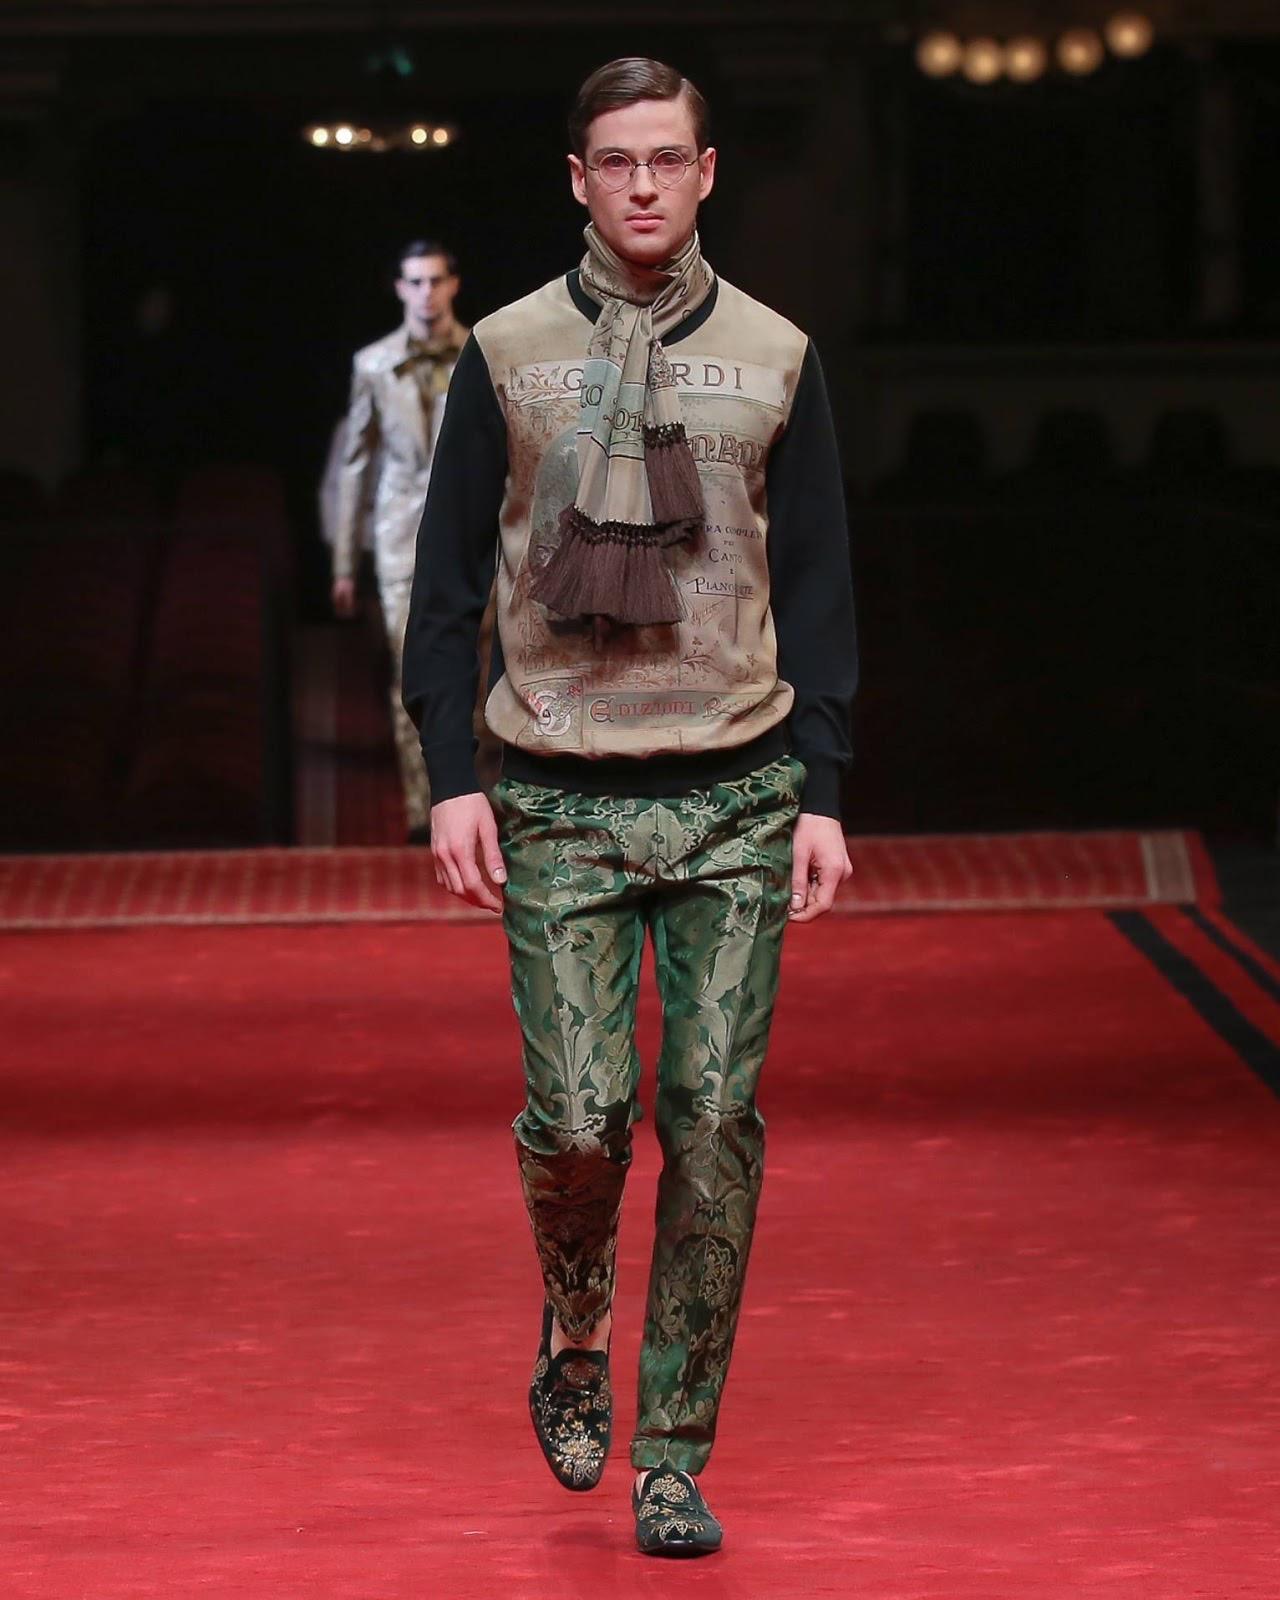 Dolce & Gabbana SS17 Alta Sartoria